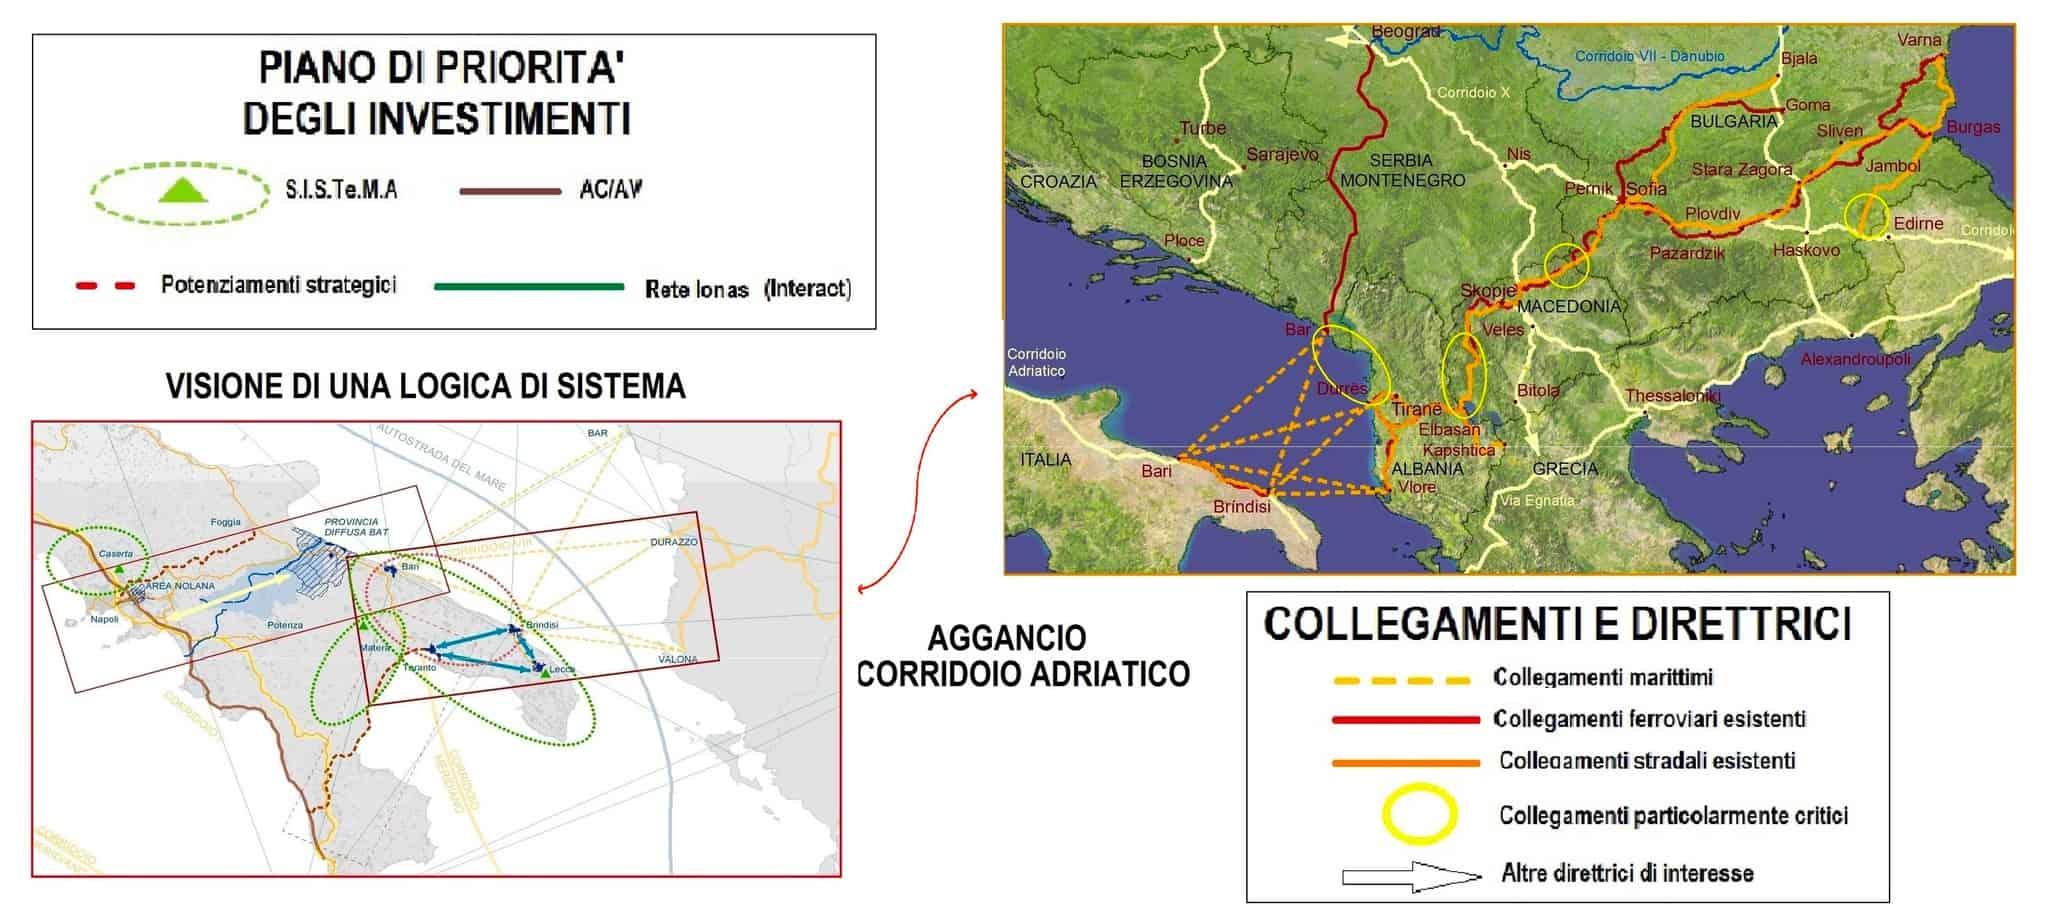 Il focus della piattaforma logistica Sud-orientale